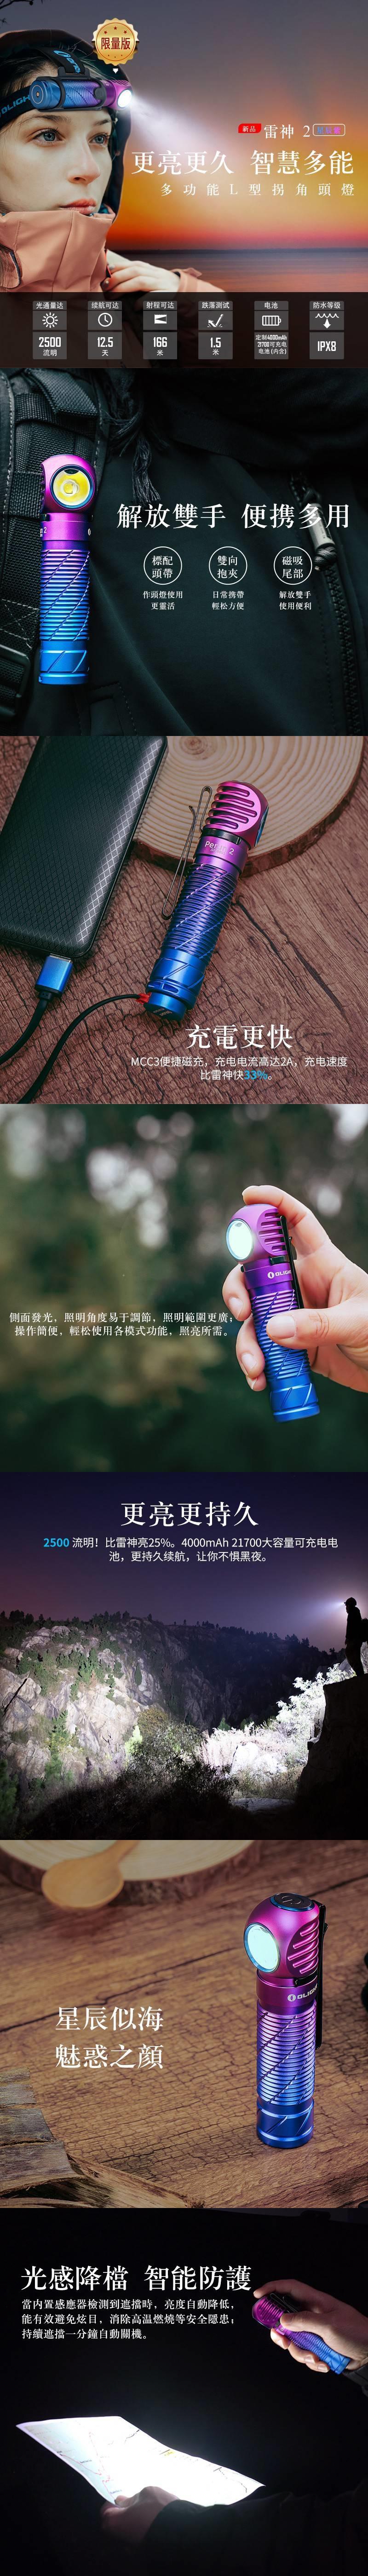 【錸特光電】OLIGHT PERUN 2 雷神 2500流明 限量星辰紫 Purple Gradient 感應L型轉角燈 頭燈 EDC手電筒 OLIGHT台灣總代理 (8)